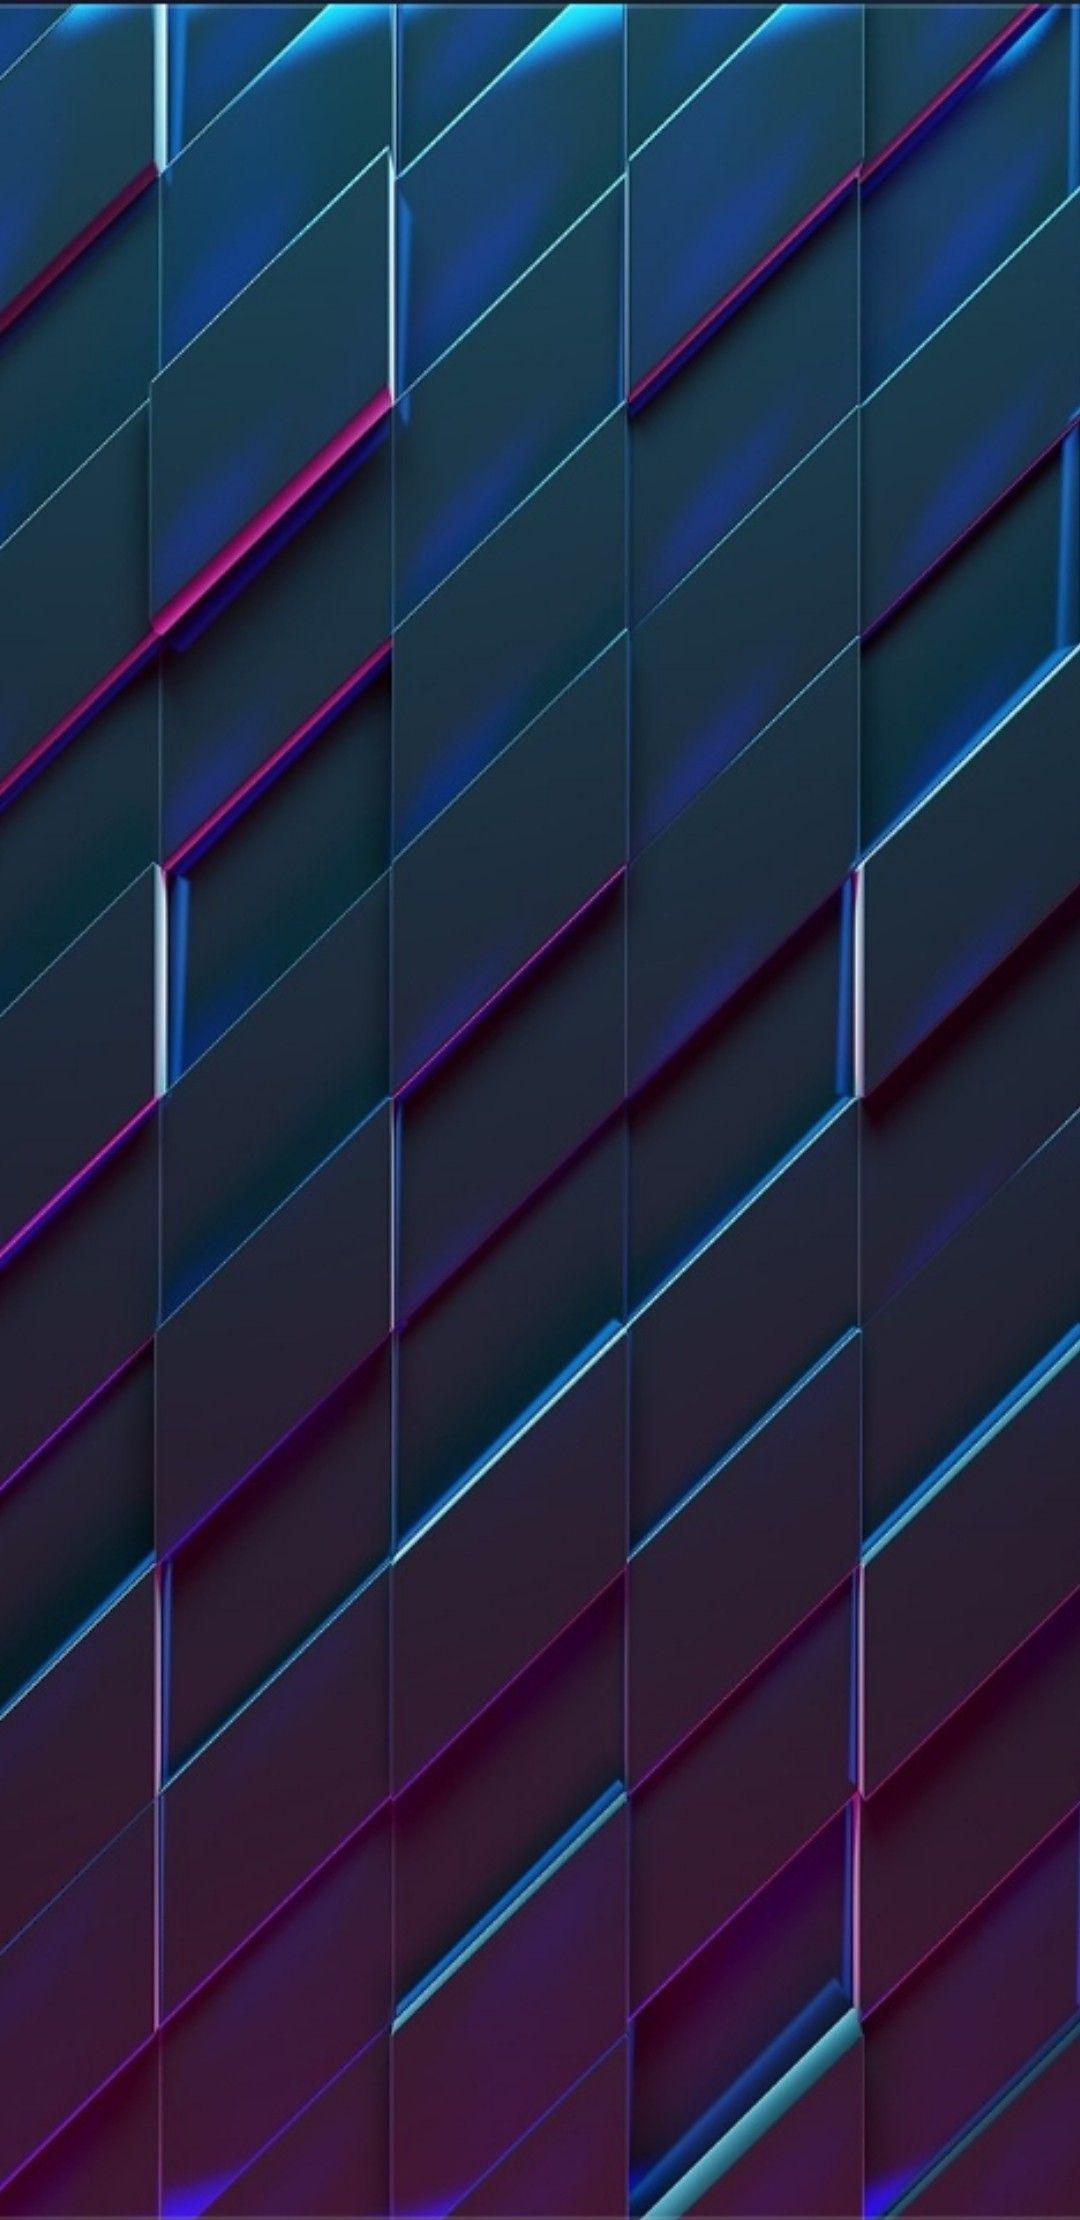 Texture In 2019 Iphone Wallpaper Lock Screen Wallpaper